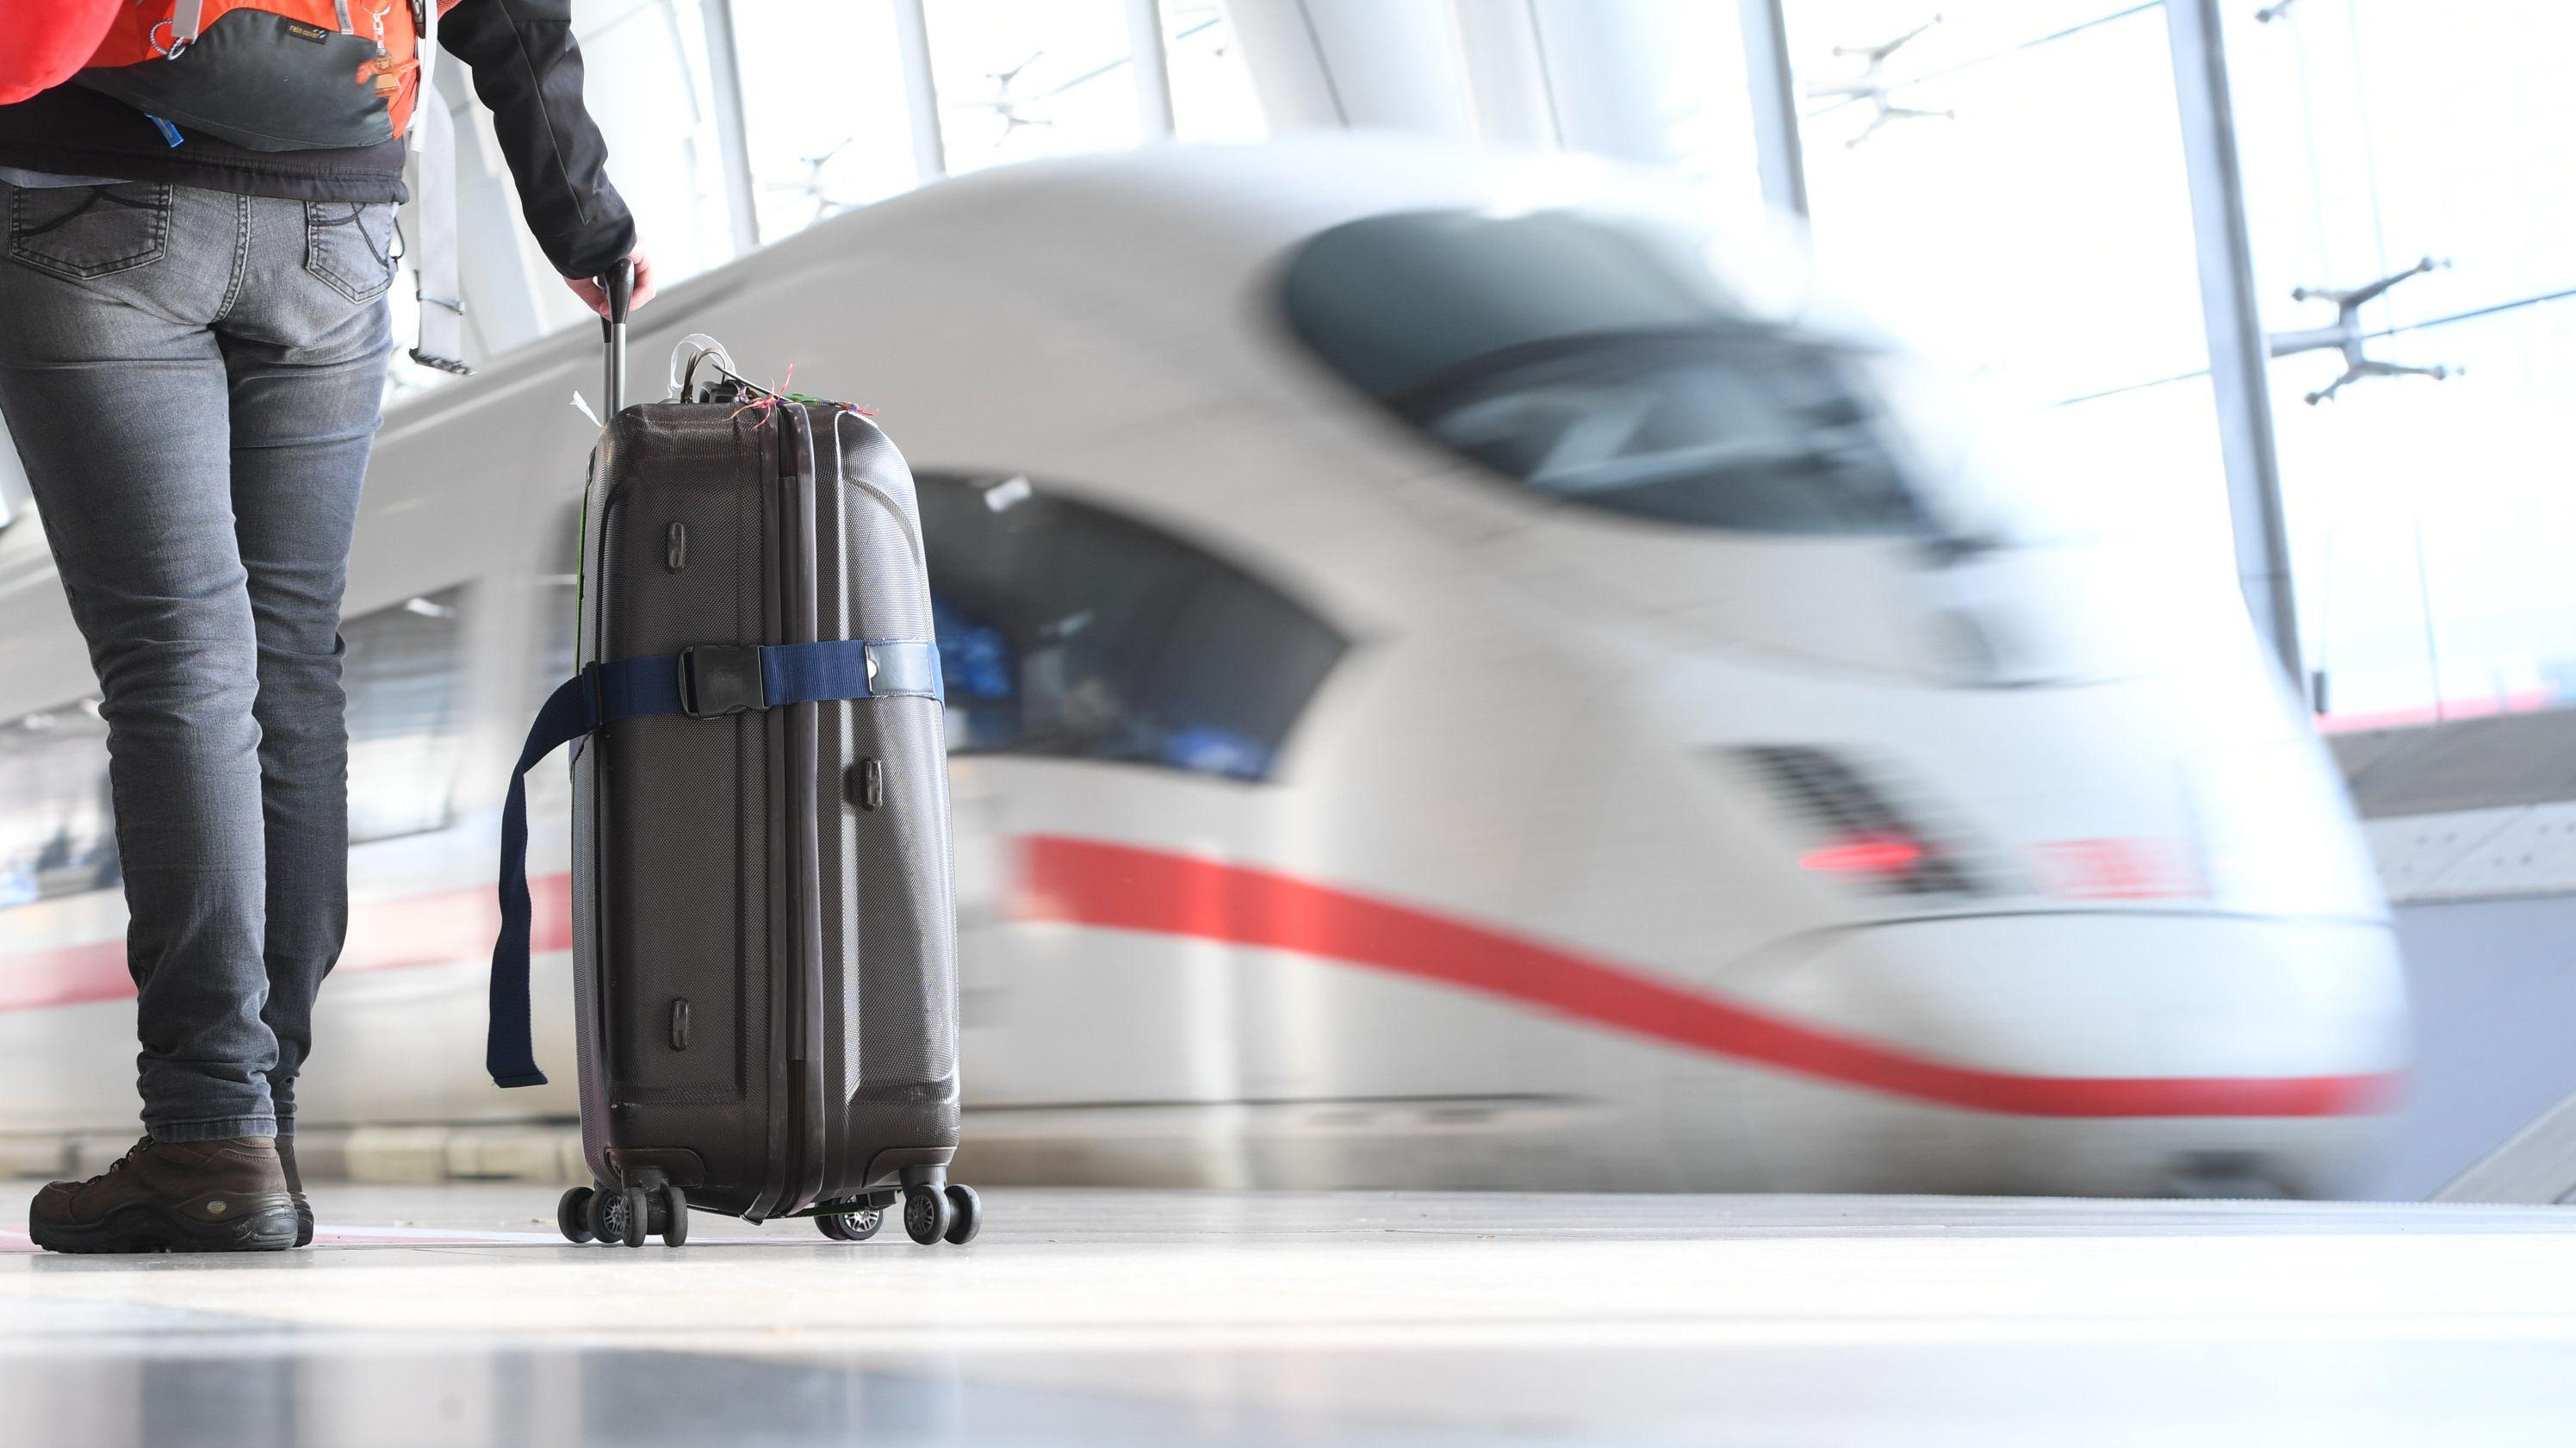 Ab dem 1. Januar gelten bei der Bahn günstigere Ticketpreise.